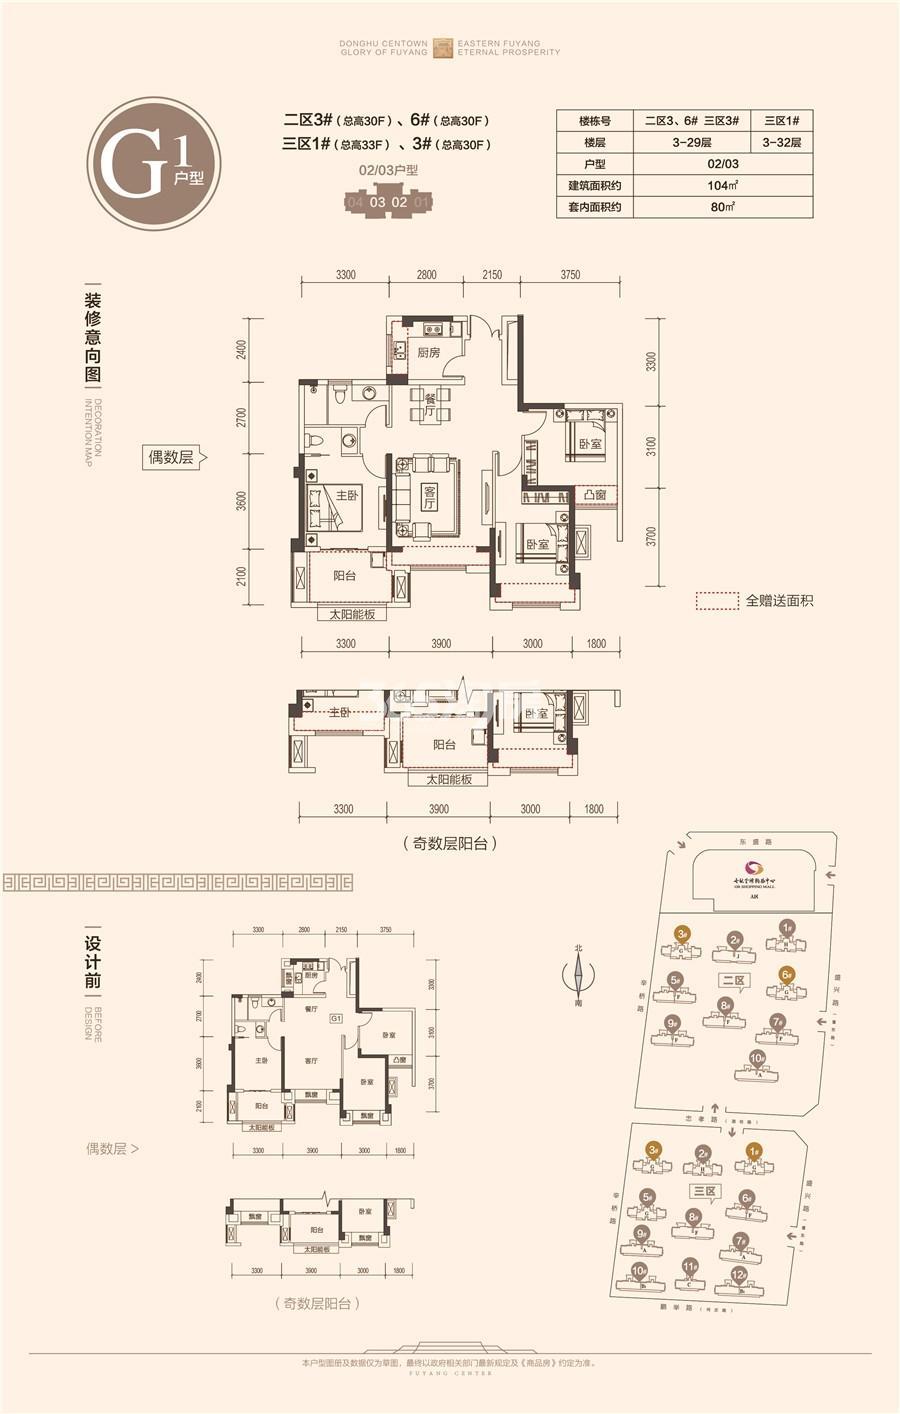 东湖世纪城G1户型